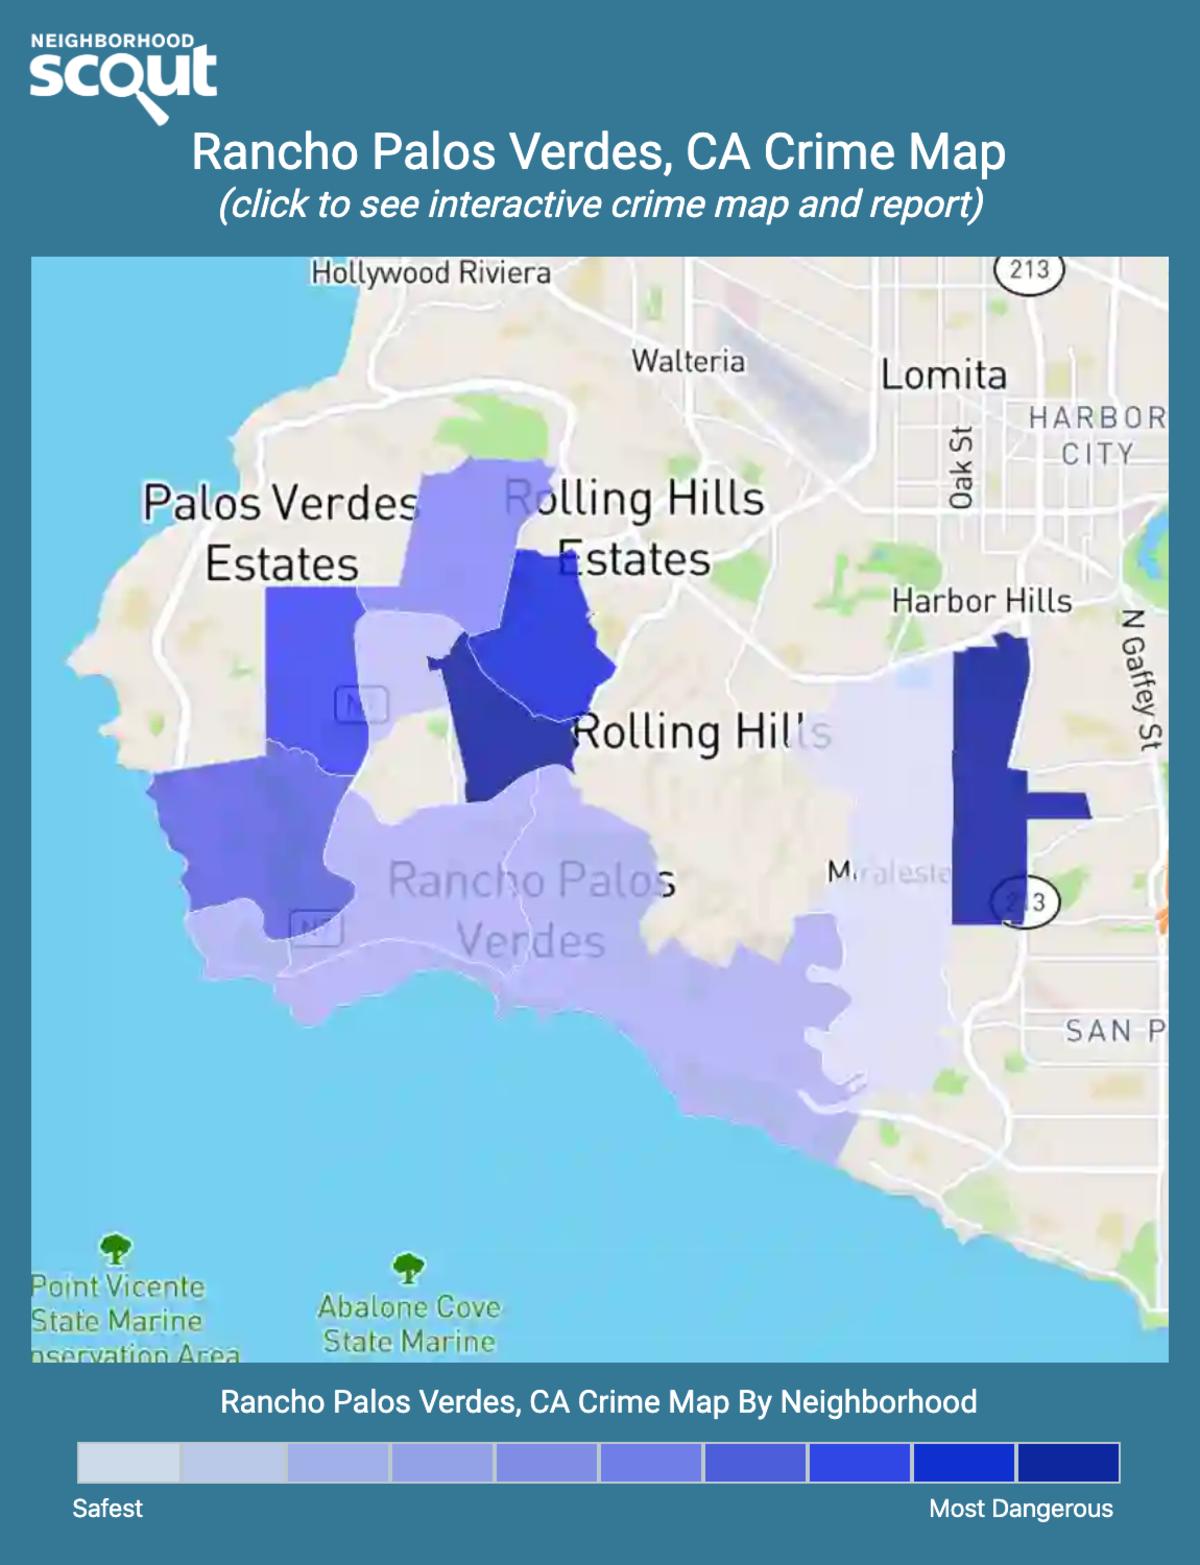 Rancho Palos Verdes, California crime map